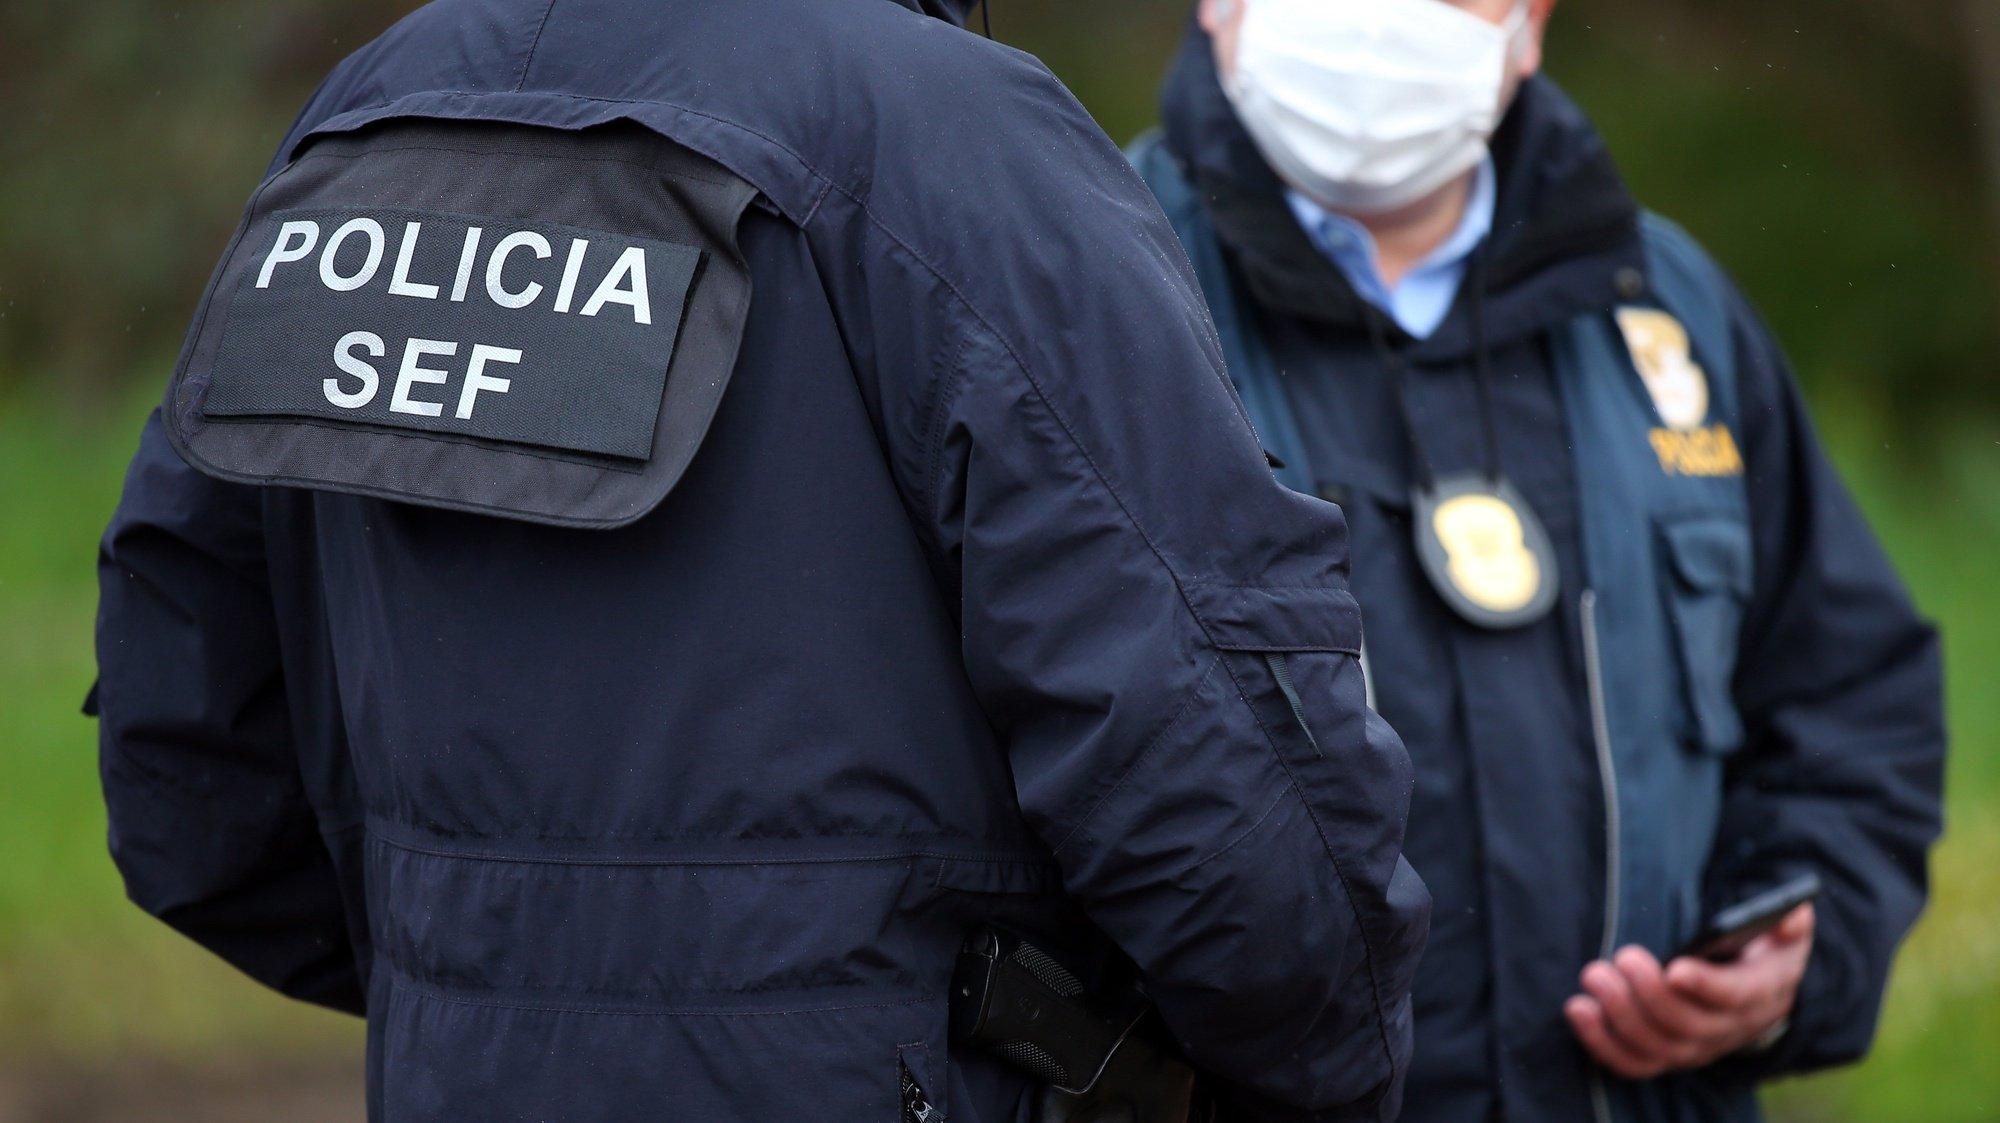 Agentes da GNR e do SEF durante uma operação de controlo na entrada em Portugal pela fronteira do Caia (Elvas). As fronteiras foram repostas desde as 00:00 de domingo, dia 31 de Janeiro, no âmbito das medidas para conter a propagação da covid-19 no território português. Elvas, 31 de janeiro de 2021. NUNO VEIGA/LUSA